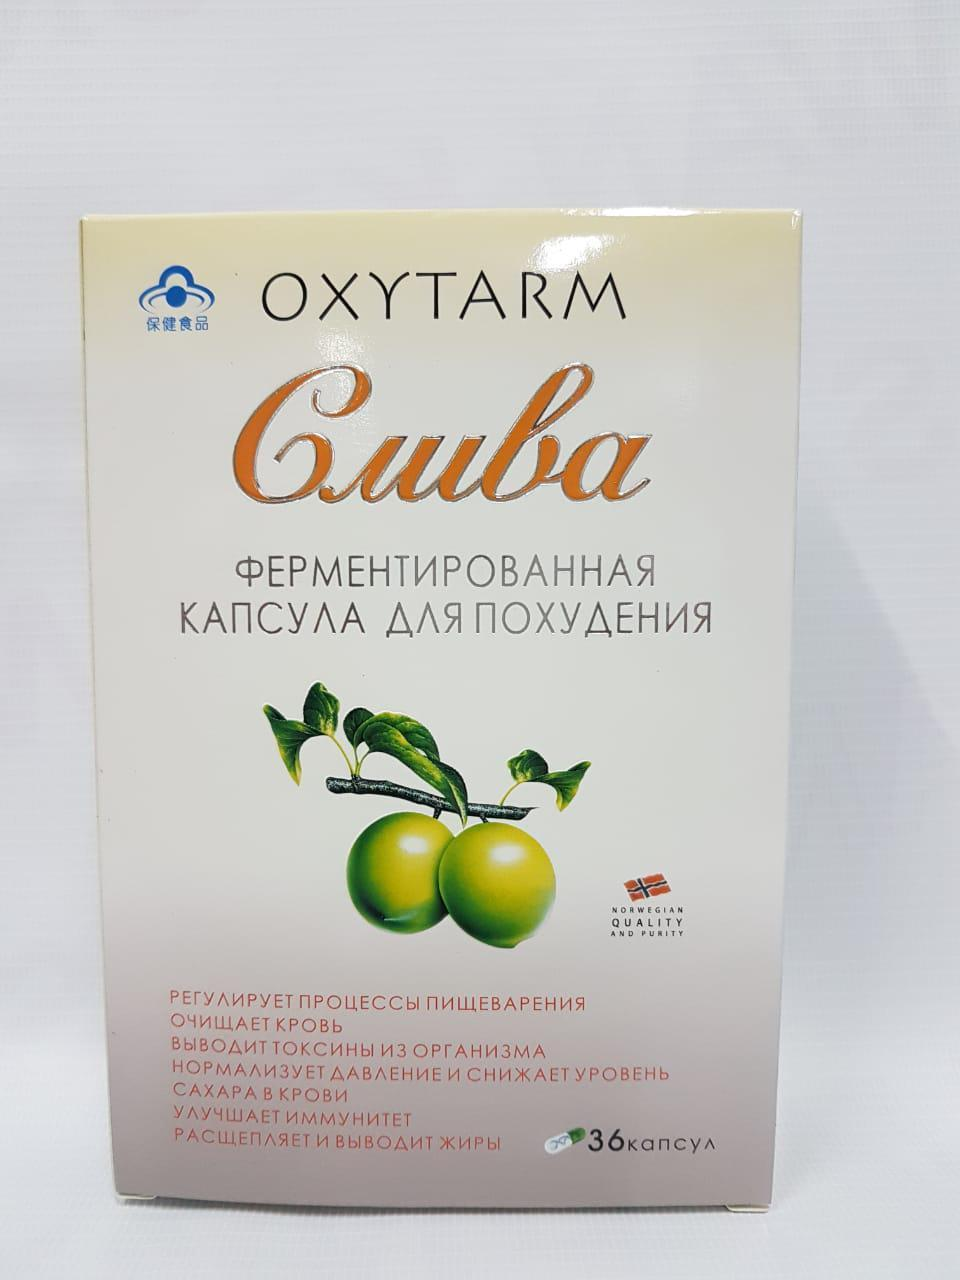 Слива (Oxytarm) ферментированная - для похудения.